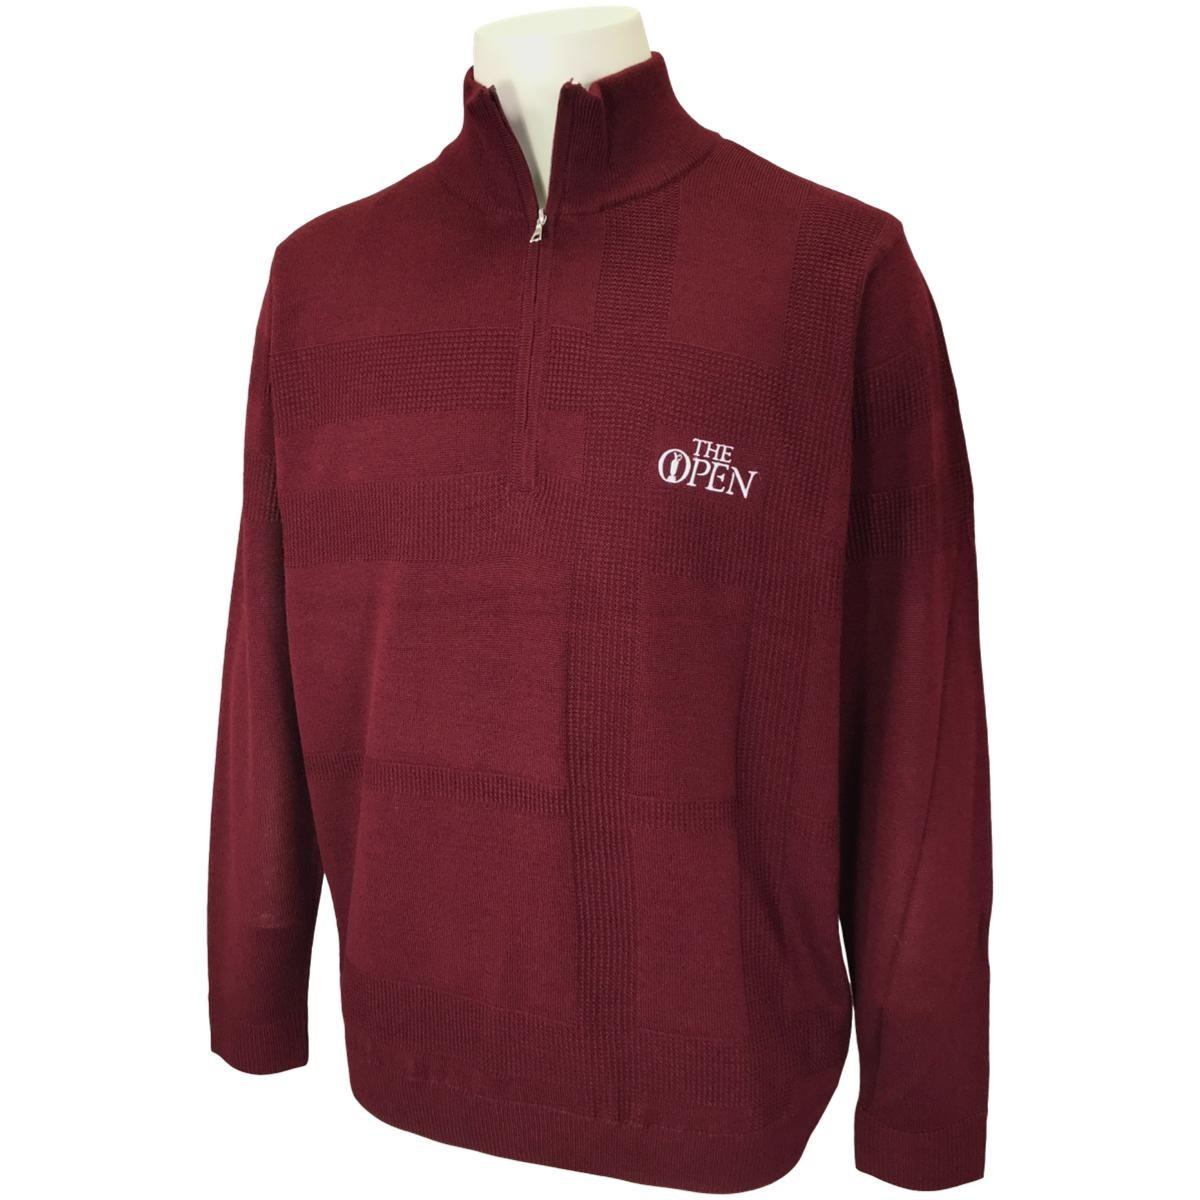 ジ オープン ハーフジップジャカードセーター